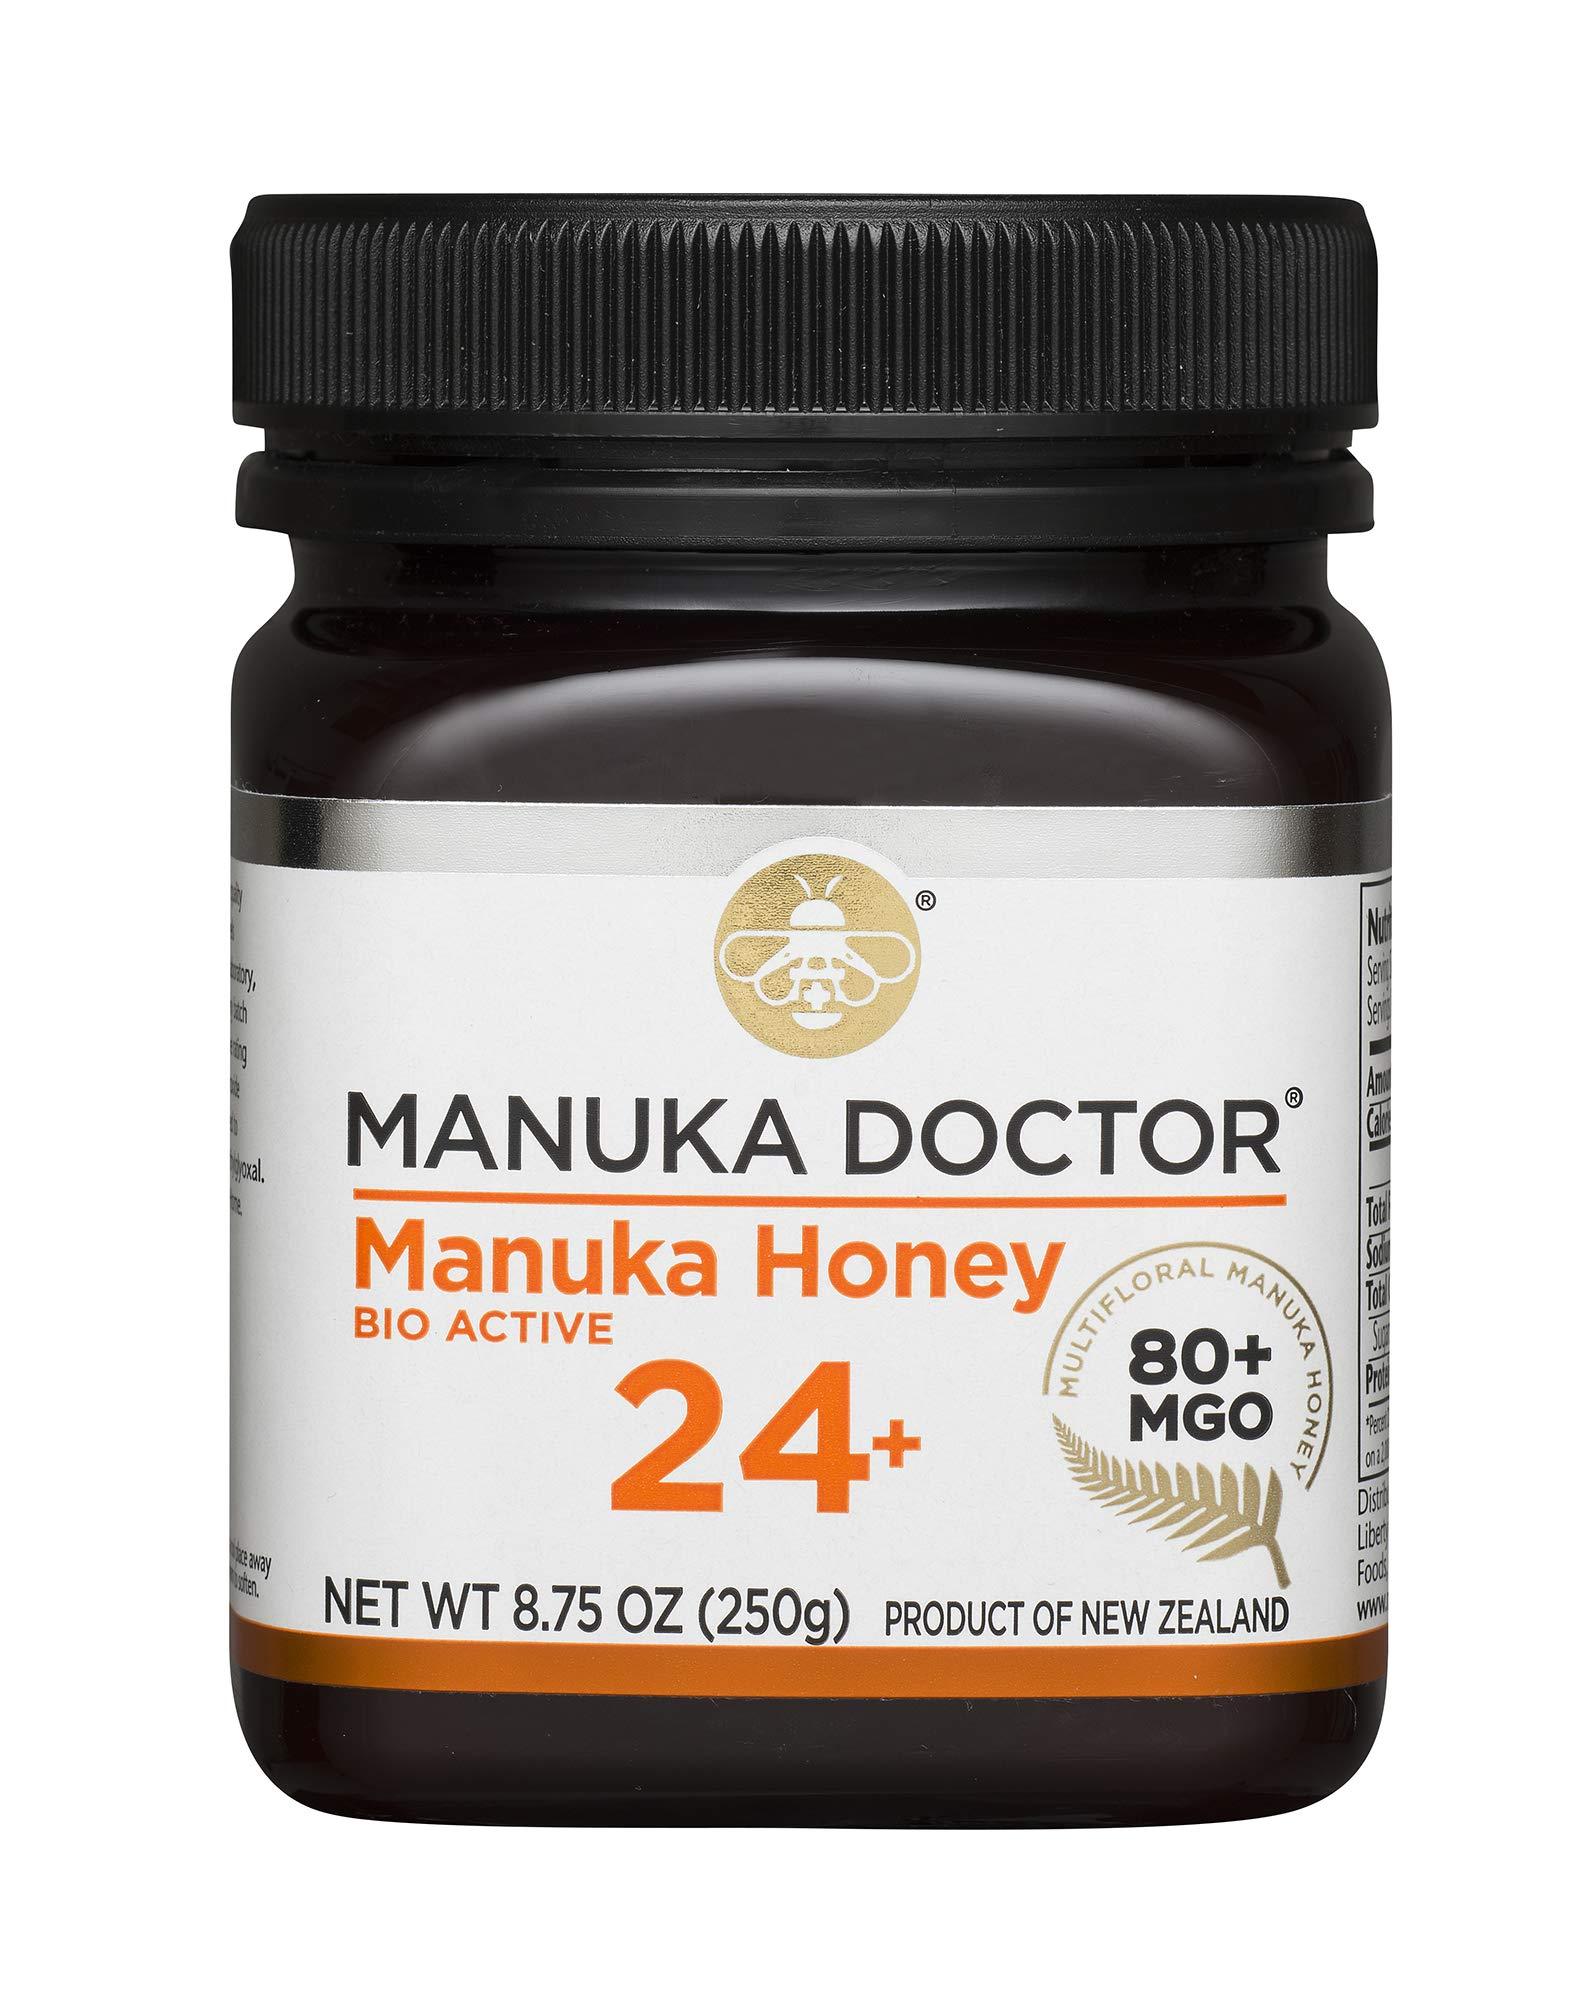 Manuka Doctor Bio Active Honey, 24 Plus, 8.75 Ounce by Manuka Doctor (Image #1)